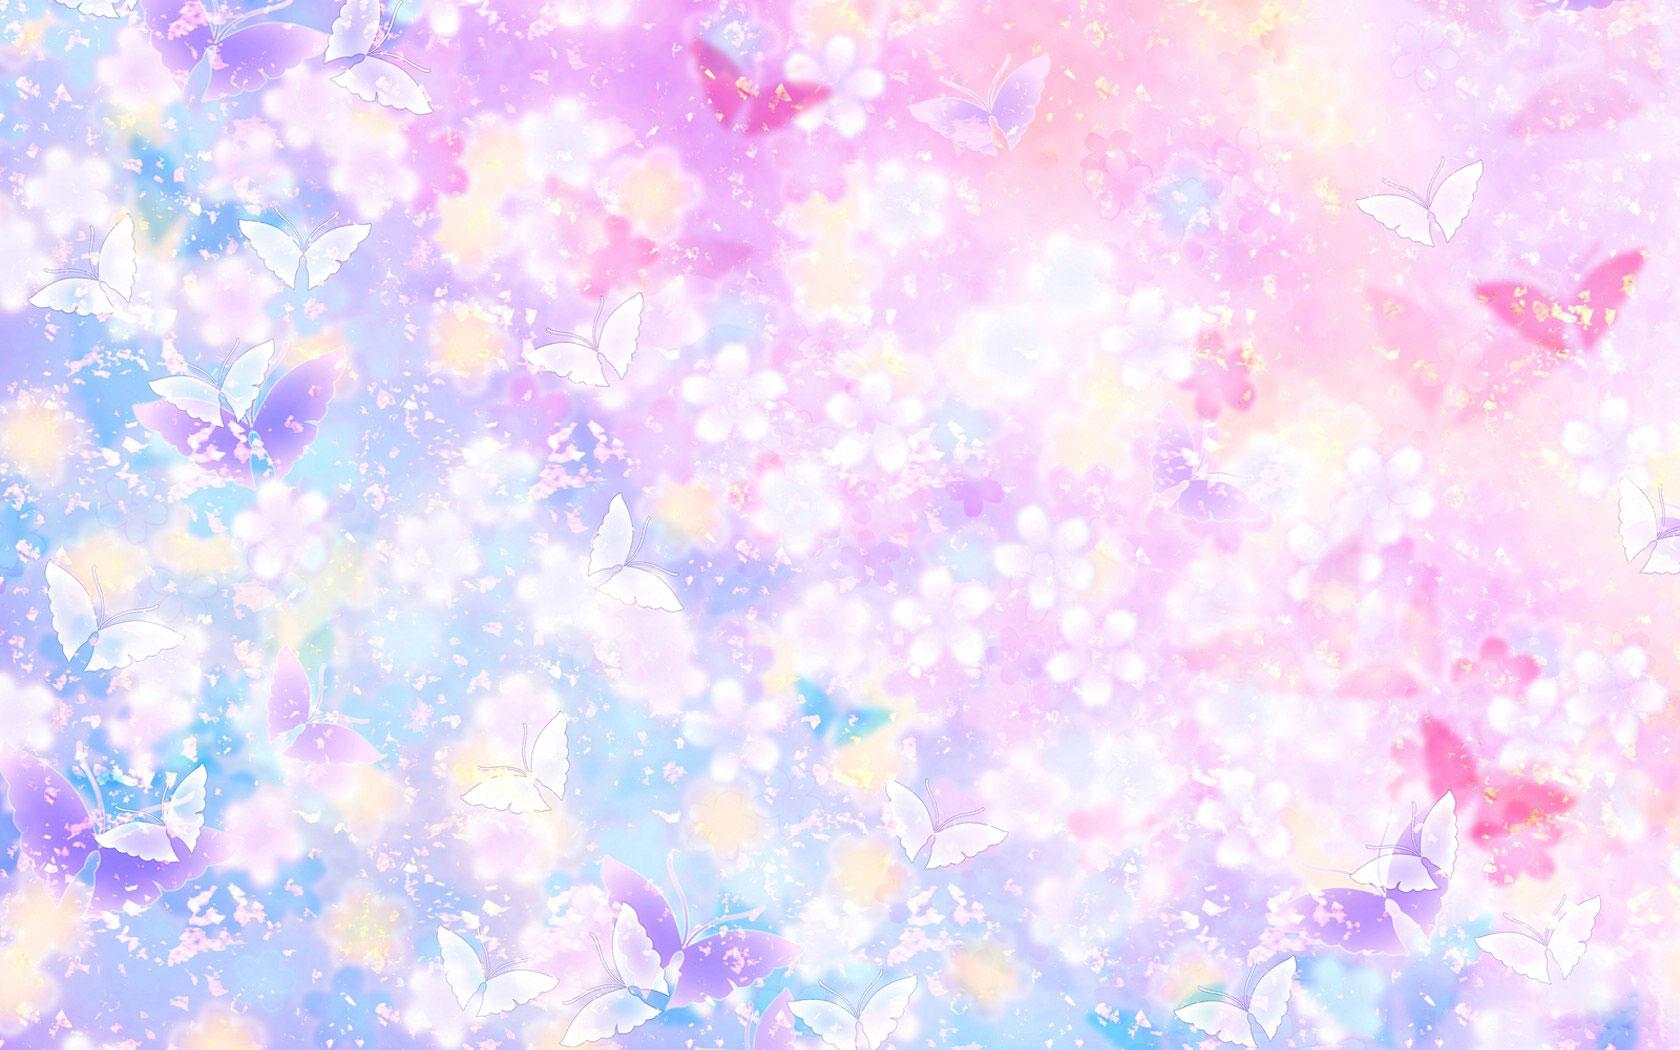 花のイラスト・フリー素材/壁紙・背景no.007『青紫ピンク・蝶・淡い』